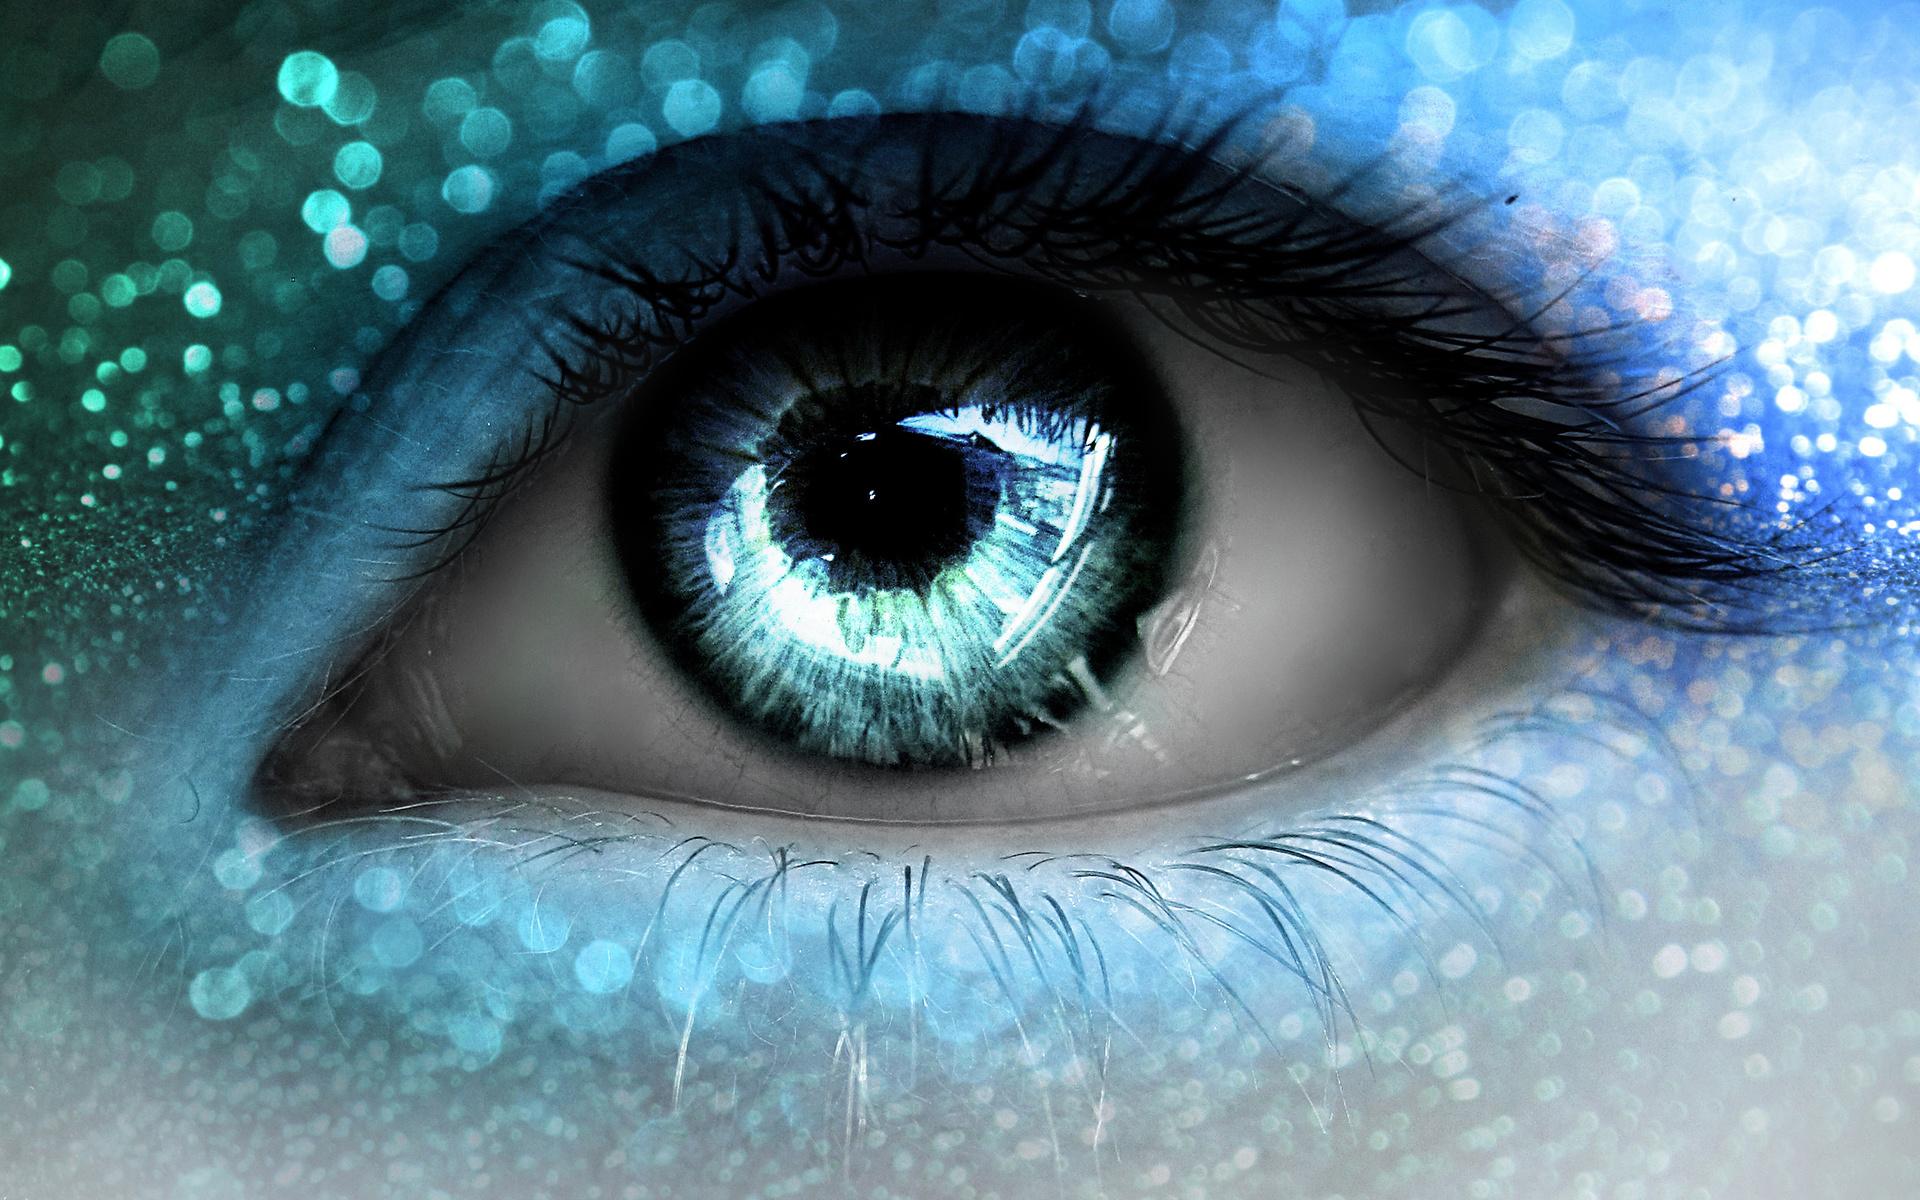 красивые бирюзовые глаза картинки элементы